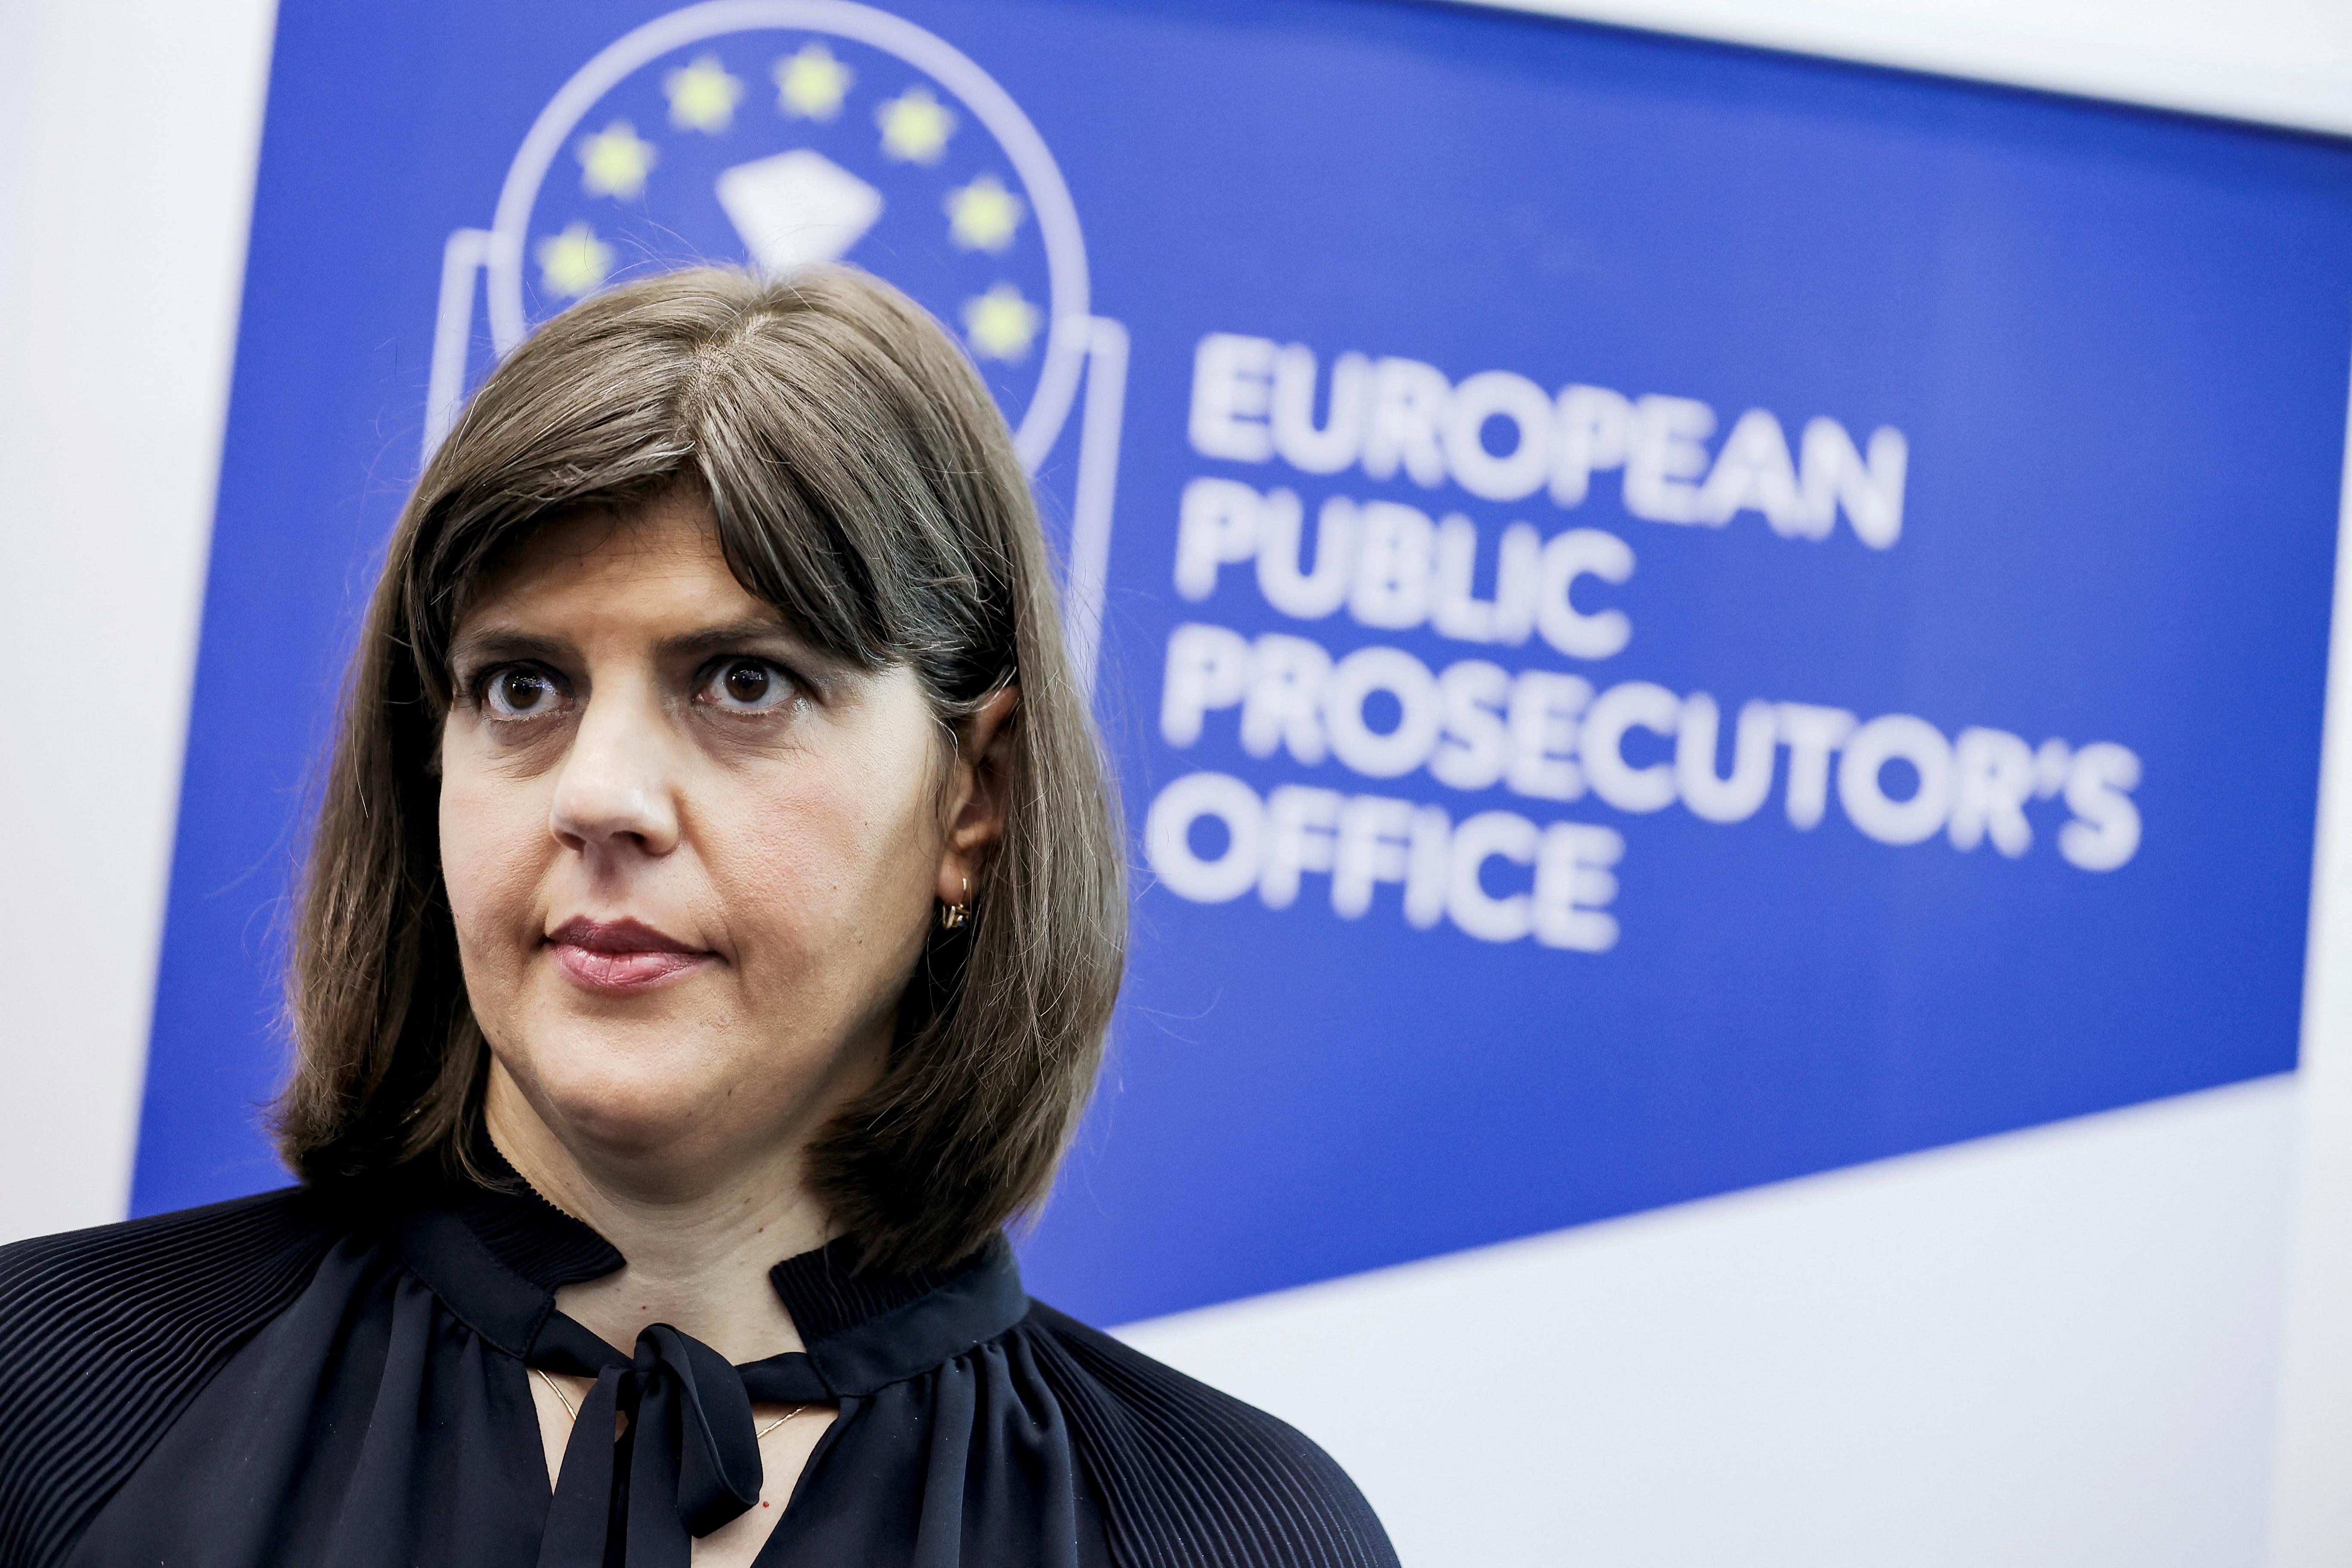 Nincs elég alkalmazottja az Európai Ügyészségnek, hogy minden korrupciós ügynek utána tudjon járni